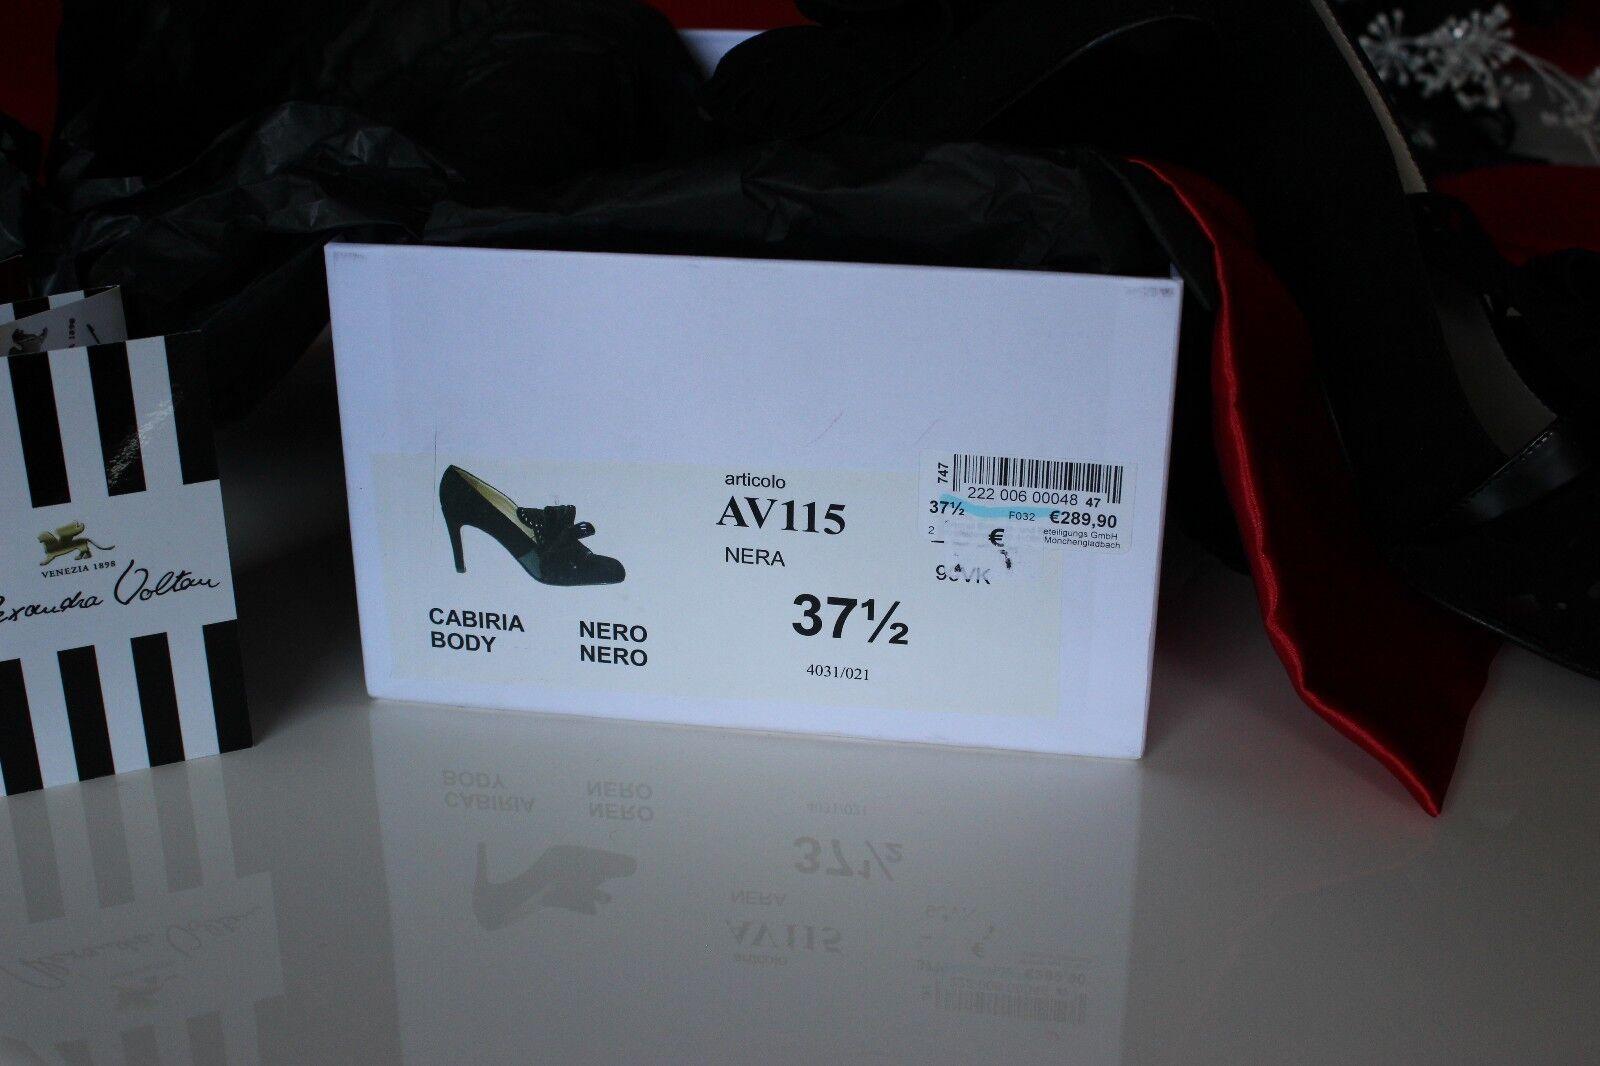 Billig gute gute gute Qualität Schuhe ALEXANDRA VOLTAN 9a8a3e